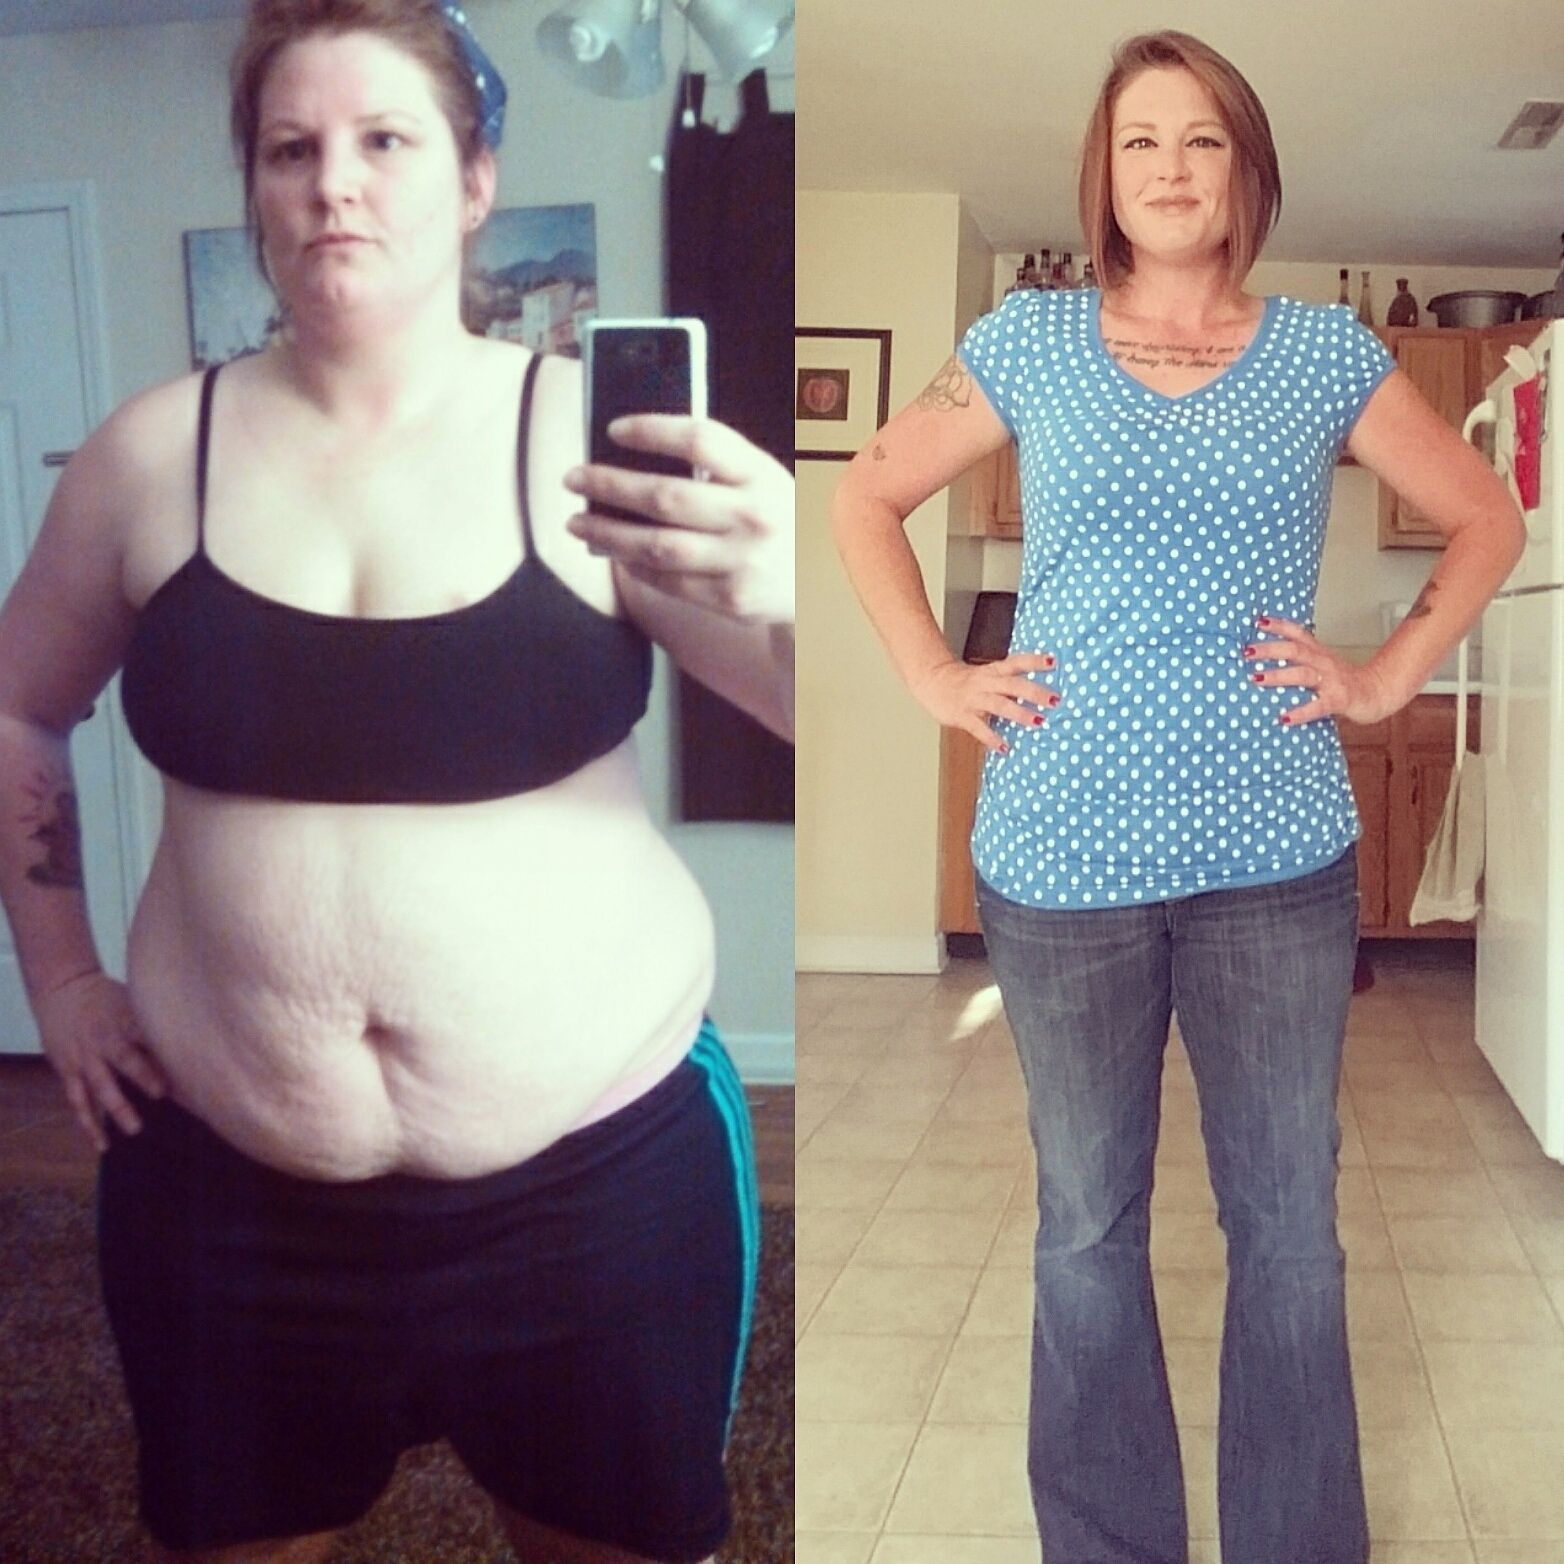 Фото Стимулирующие Похудение. Мотивация для похудения на каждый день в картинках, фото до и после, кроссфит, музыка, фразы и цитаты